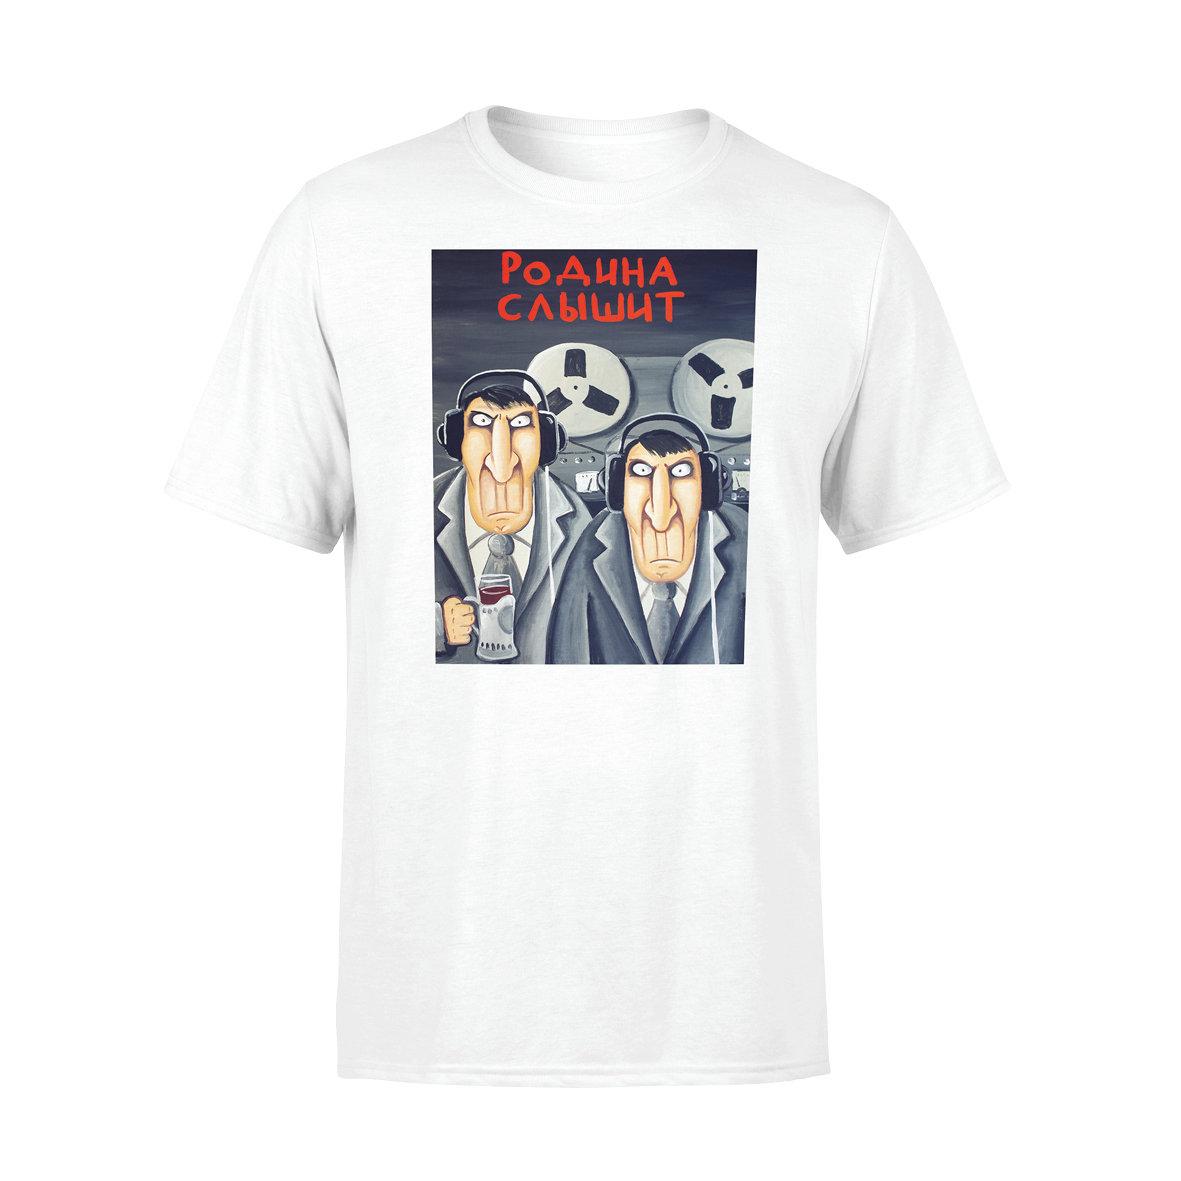 Подлежат ли футболки возврату обмену